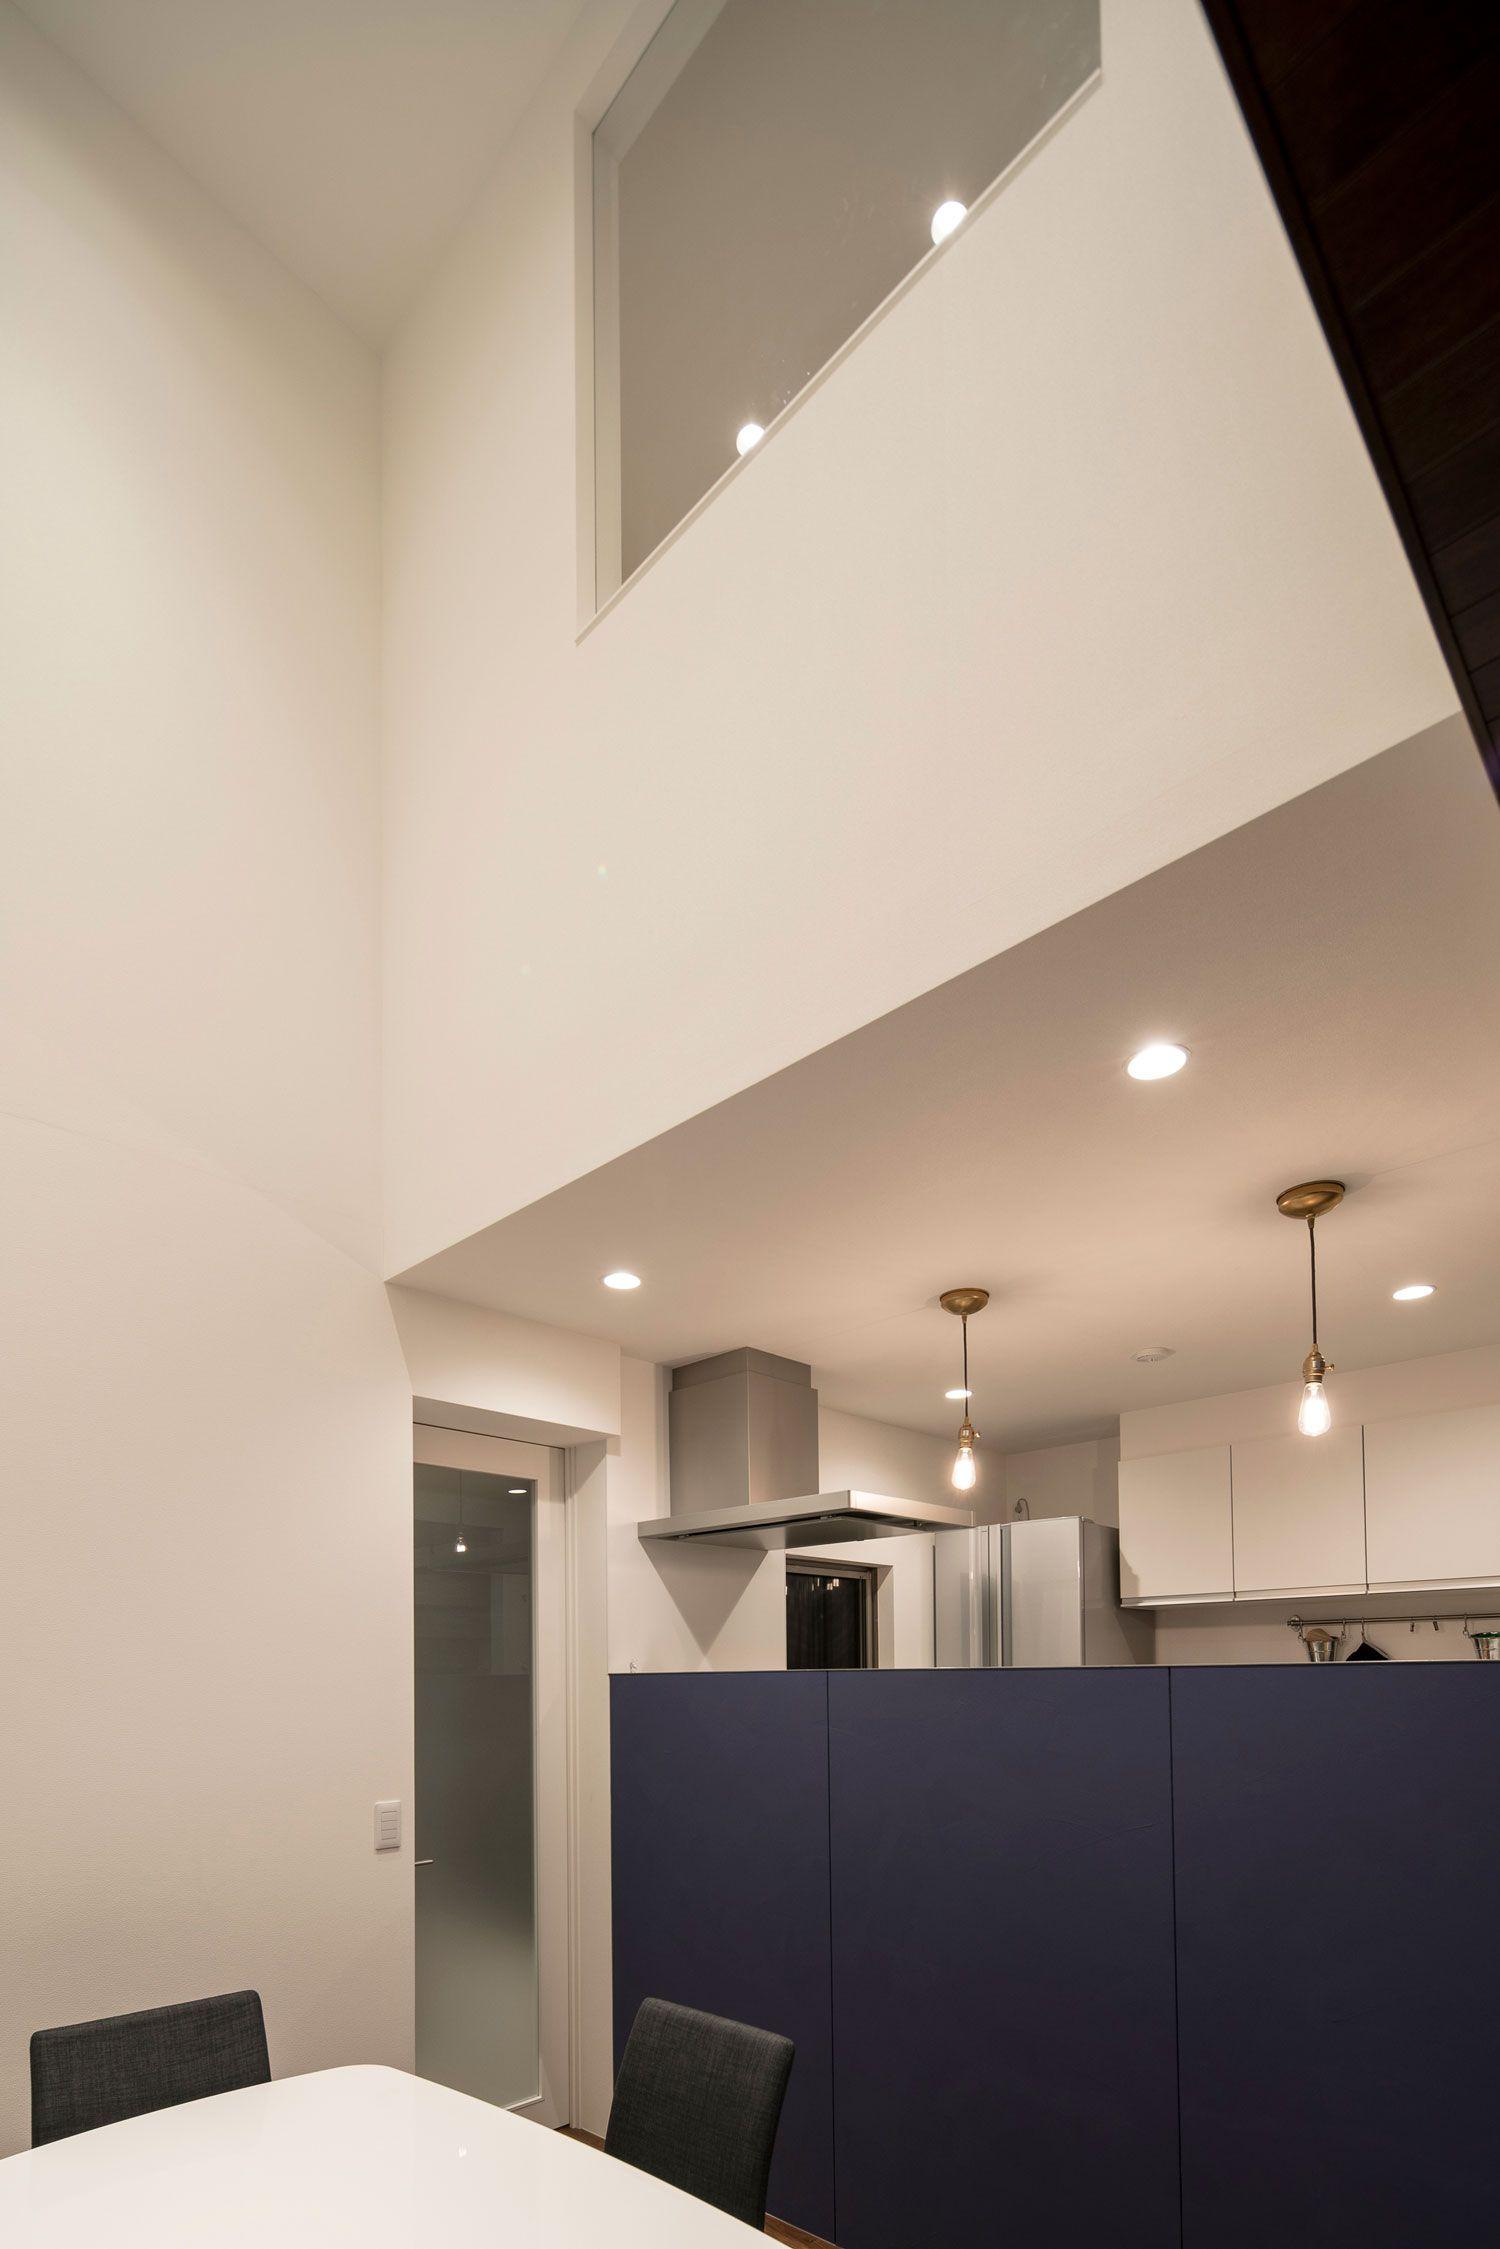 注文住宅 デザイン住宅 一戸建て 設計事務所 インテリア